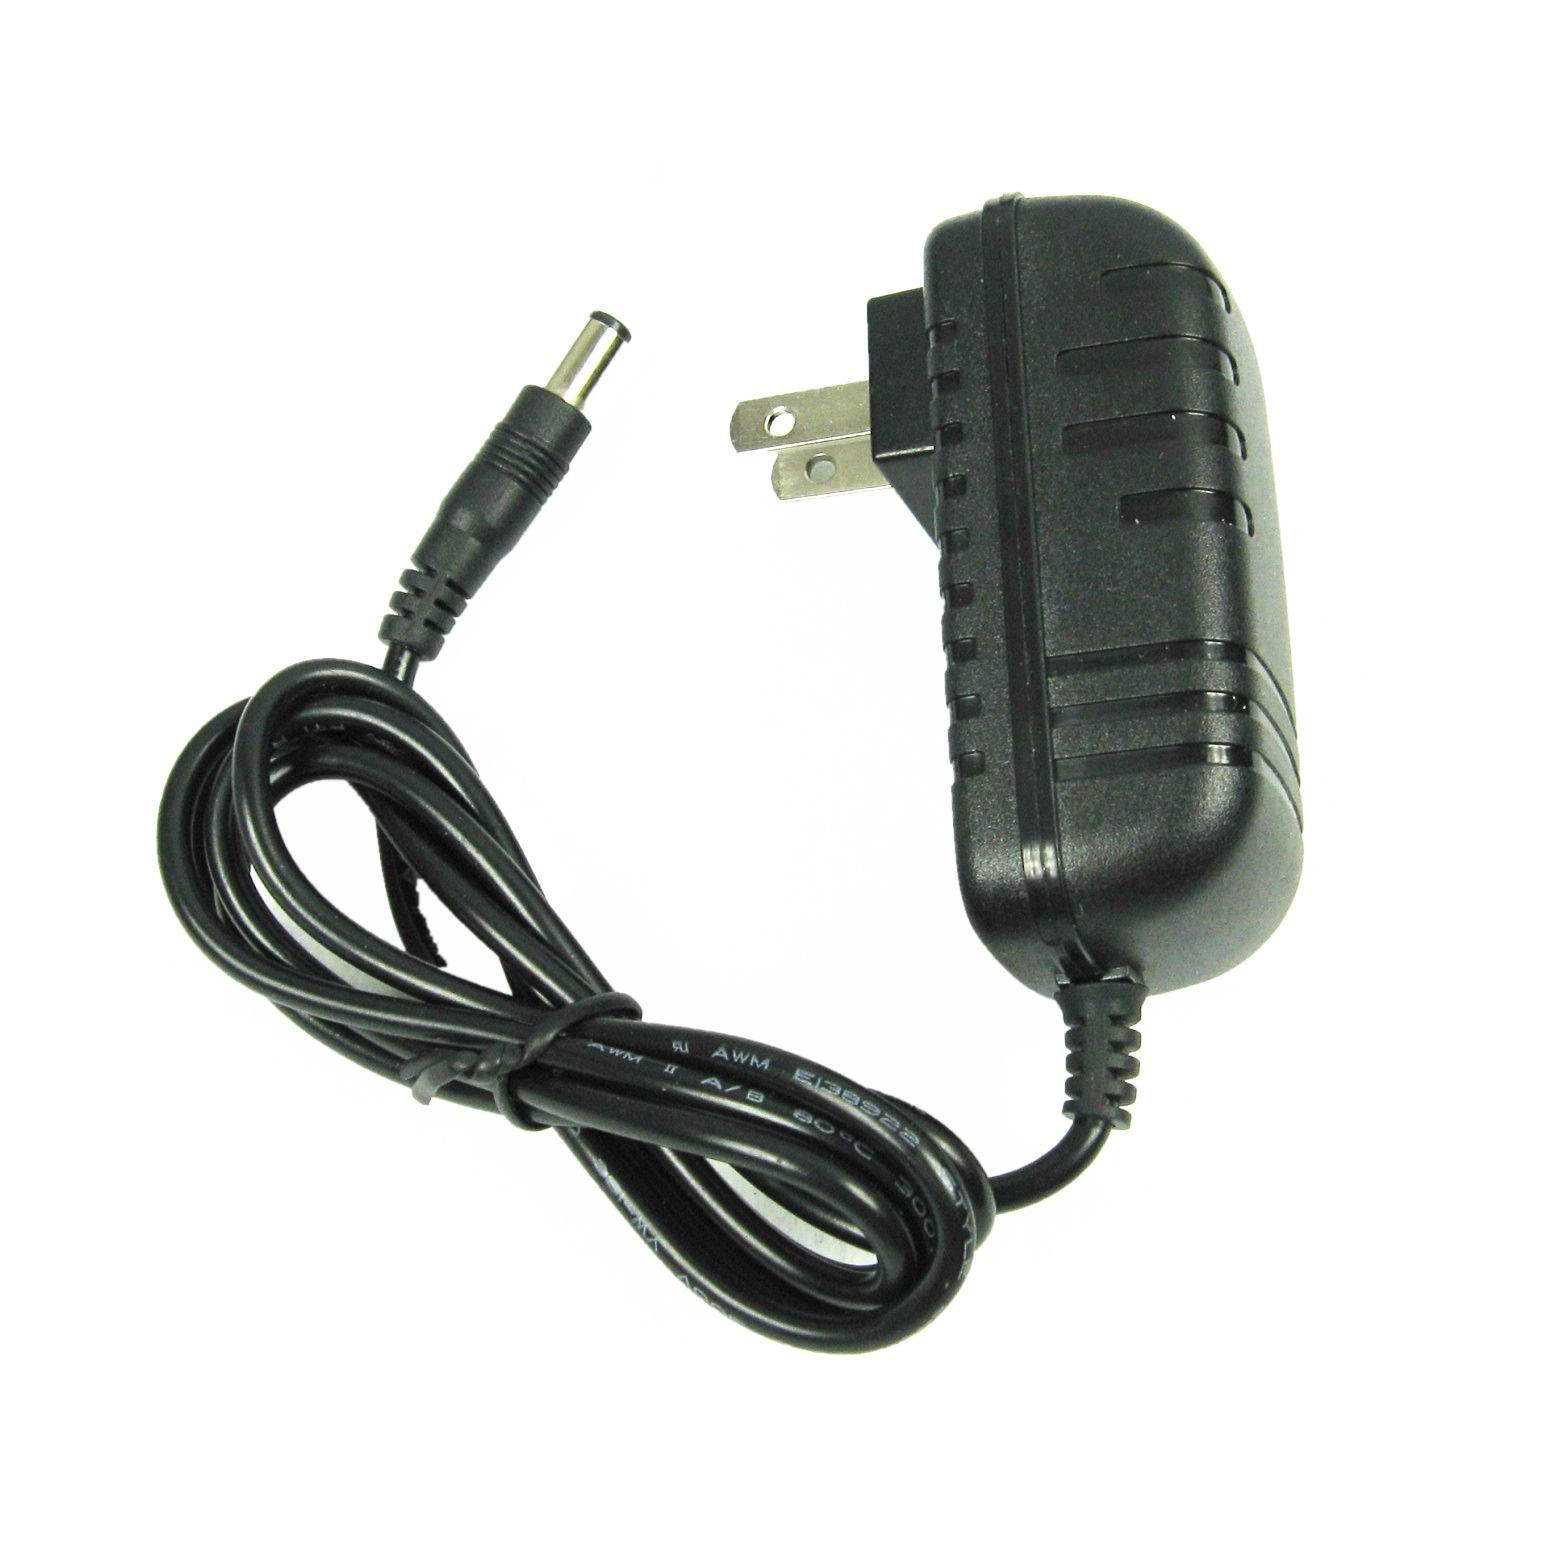 Блок питания Кедр красоты 12v1a переключения адаптер питания 100-240В беспроводной маршрутизатор для новых устройств, отвечающих безопасности